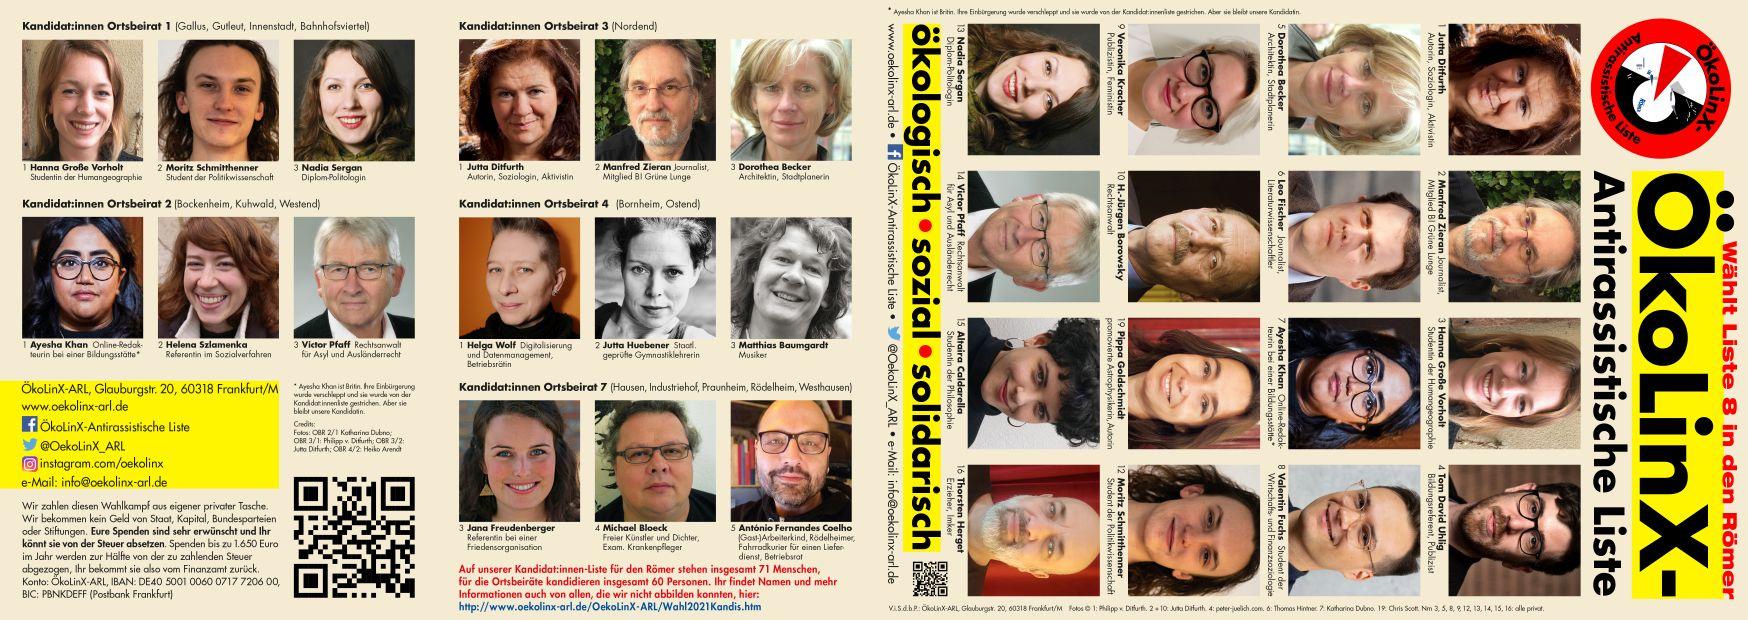 Flyer mit Manifest, Bilder der ersten Kandidat:innen für die Ortsbeiräte und die Stadtliste zur Kommunalwahl in Frankfurt am Main am 14.3.2021